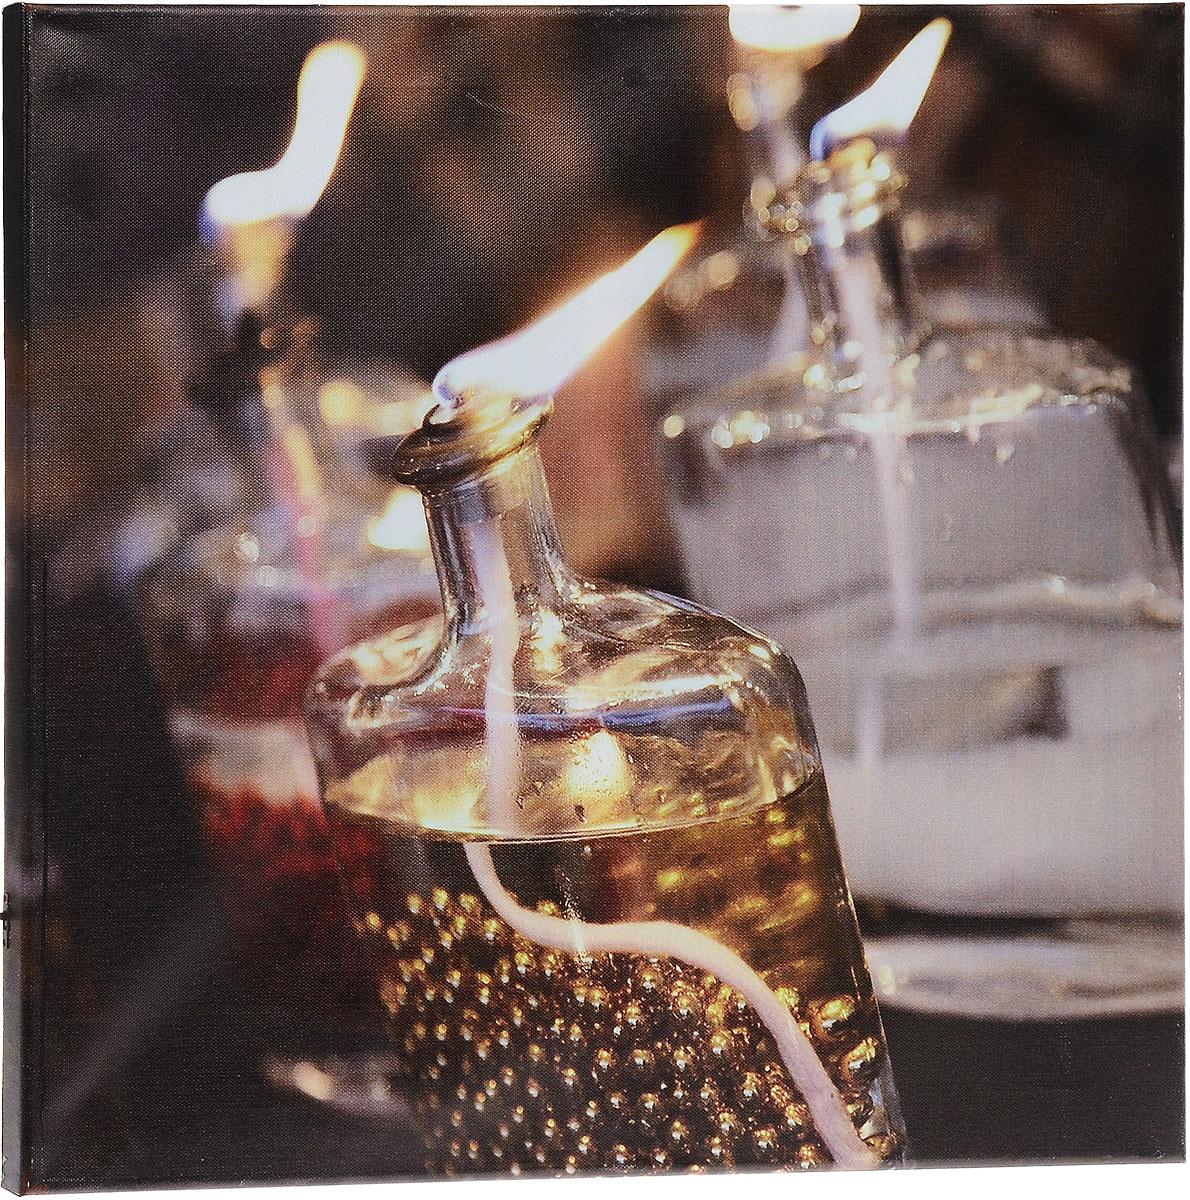 Картина MTH Масляные лампы, со светодиодами, 40 х 50 смled4050-41Картина MTH Масляные лампы выполнена на основе из МДФ, обтянутой холстом. Изделие оснащено светодиодами. Их теплый мерцающий в темноте свет оживит ваш дом и добавит ему уюта. На картине изображена декоративная свеча в сосуде. Благодаря светодиодной подсветке создается ощущение, что теплый свет, исходящий от свечи, действительно может согревать. С оборотной стороны картина оснащена специальным отверстием для подвешивания на стену. Необычная картина придаст интерьеру невероятного шарма и оригинальности. Рисунок успокаивает нервную систему, помогая расслабиться и отвлечься от повседневных забот. Подсветка работает от 2 батареек типа АА напряжением 1,5V (в комплект не входят).